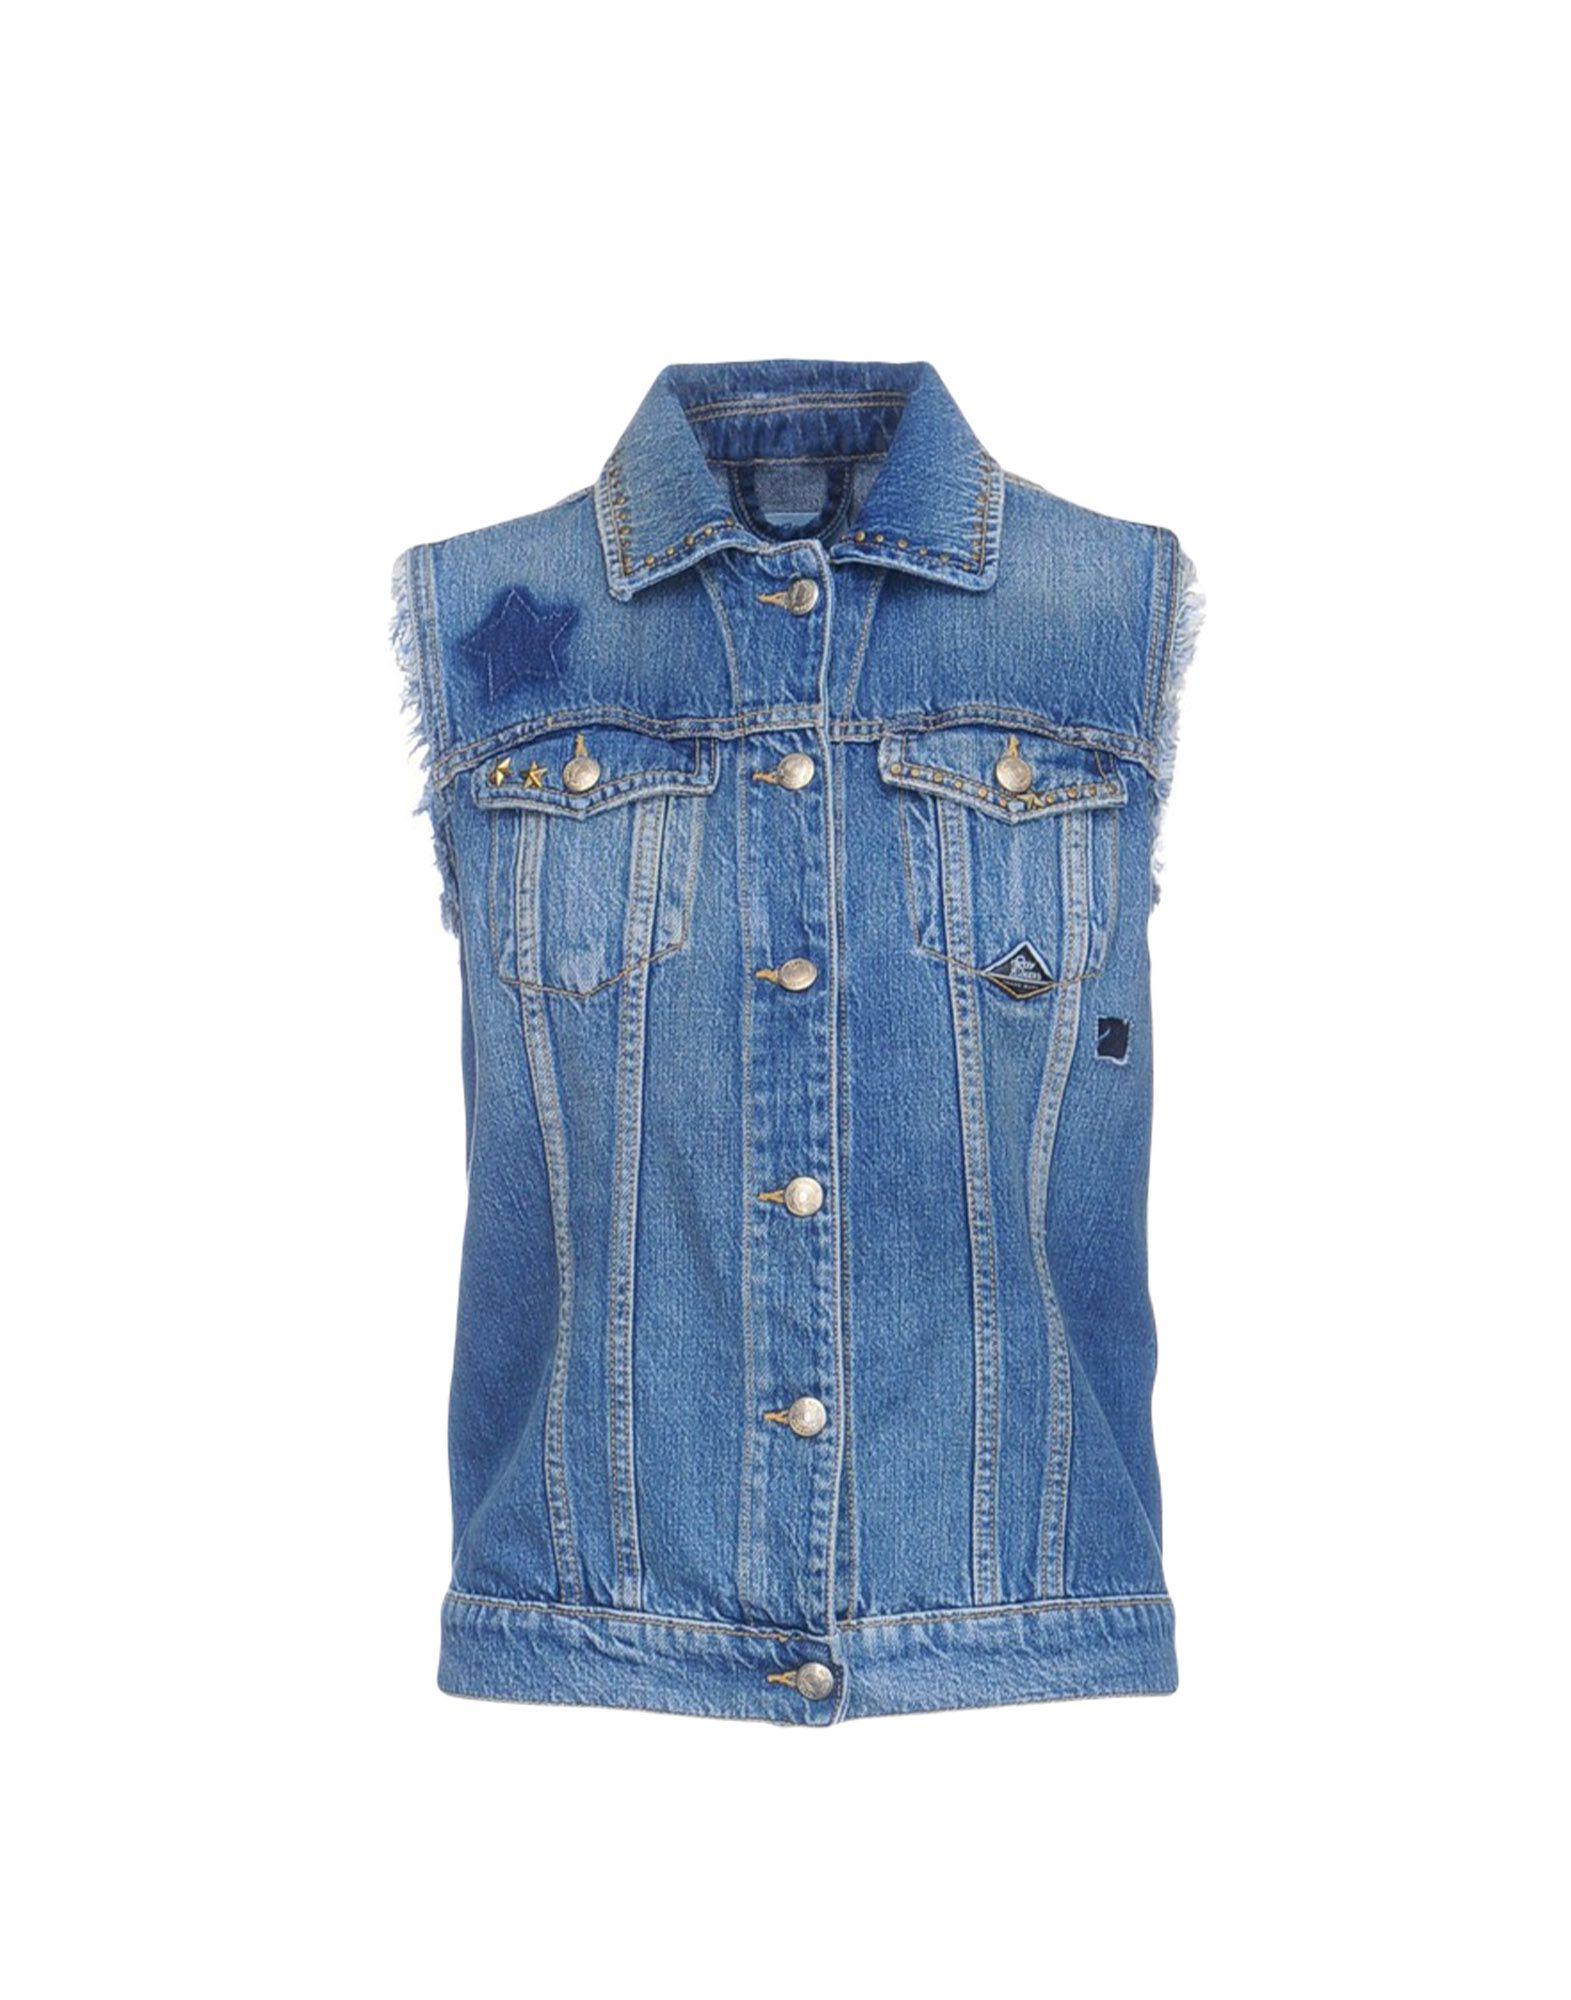 ROŸ ROGER'S Джинсовая верхняя одежда джемпер женский adl цвет светло розовый 13934214000 026 размер s 42 44